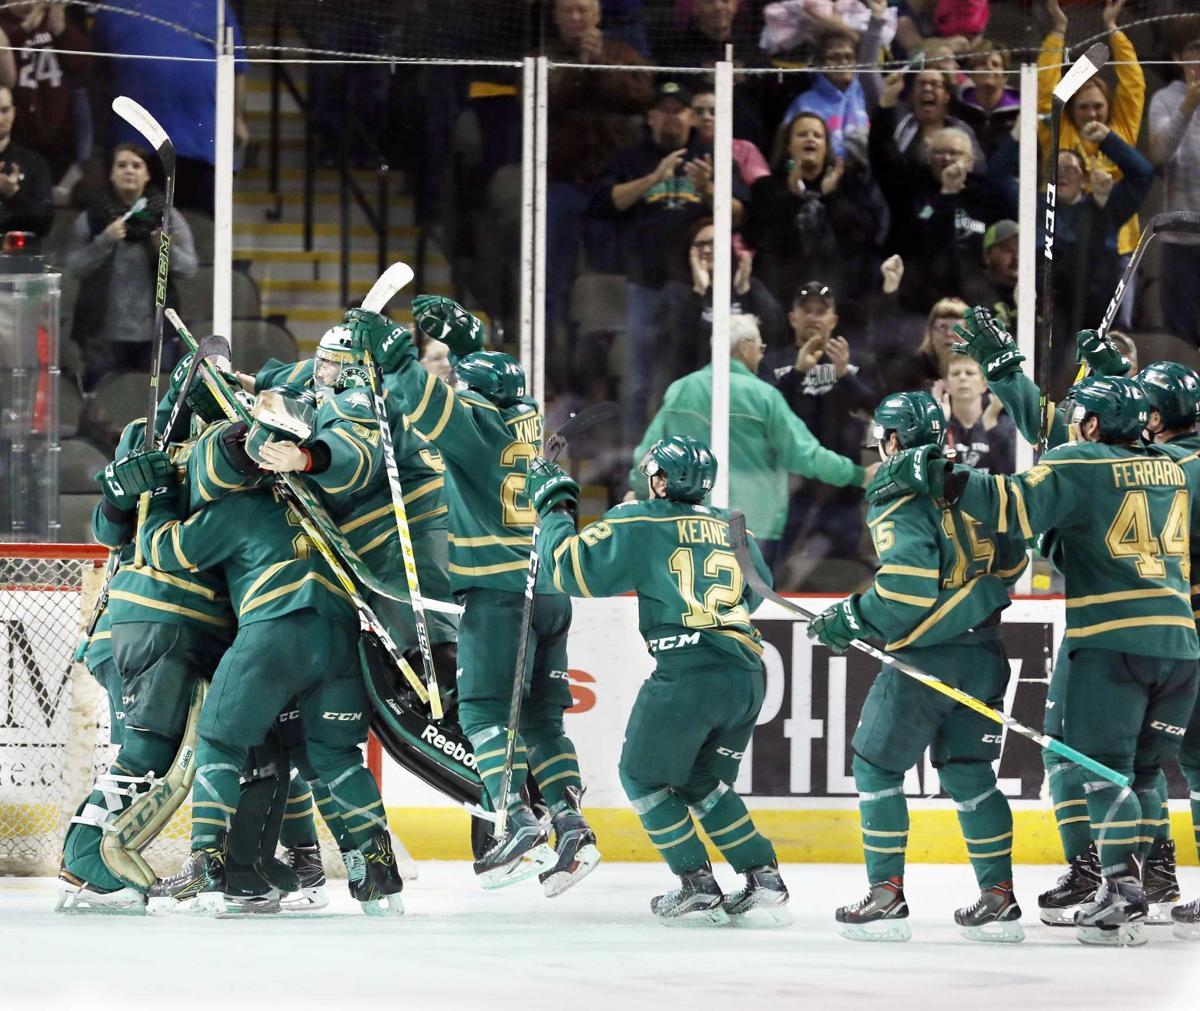 Waterloo Black Hawks at Sioux City Musketeers hockey